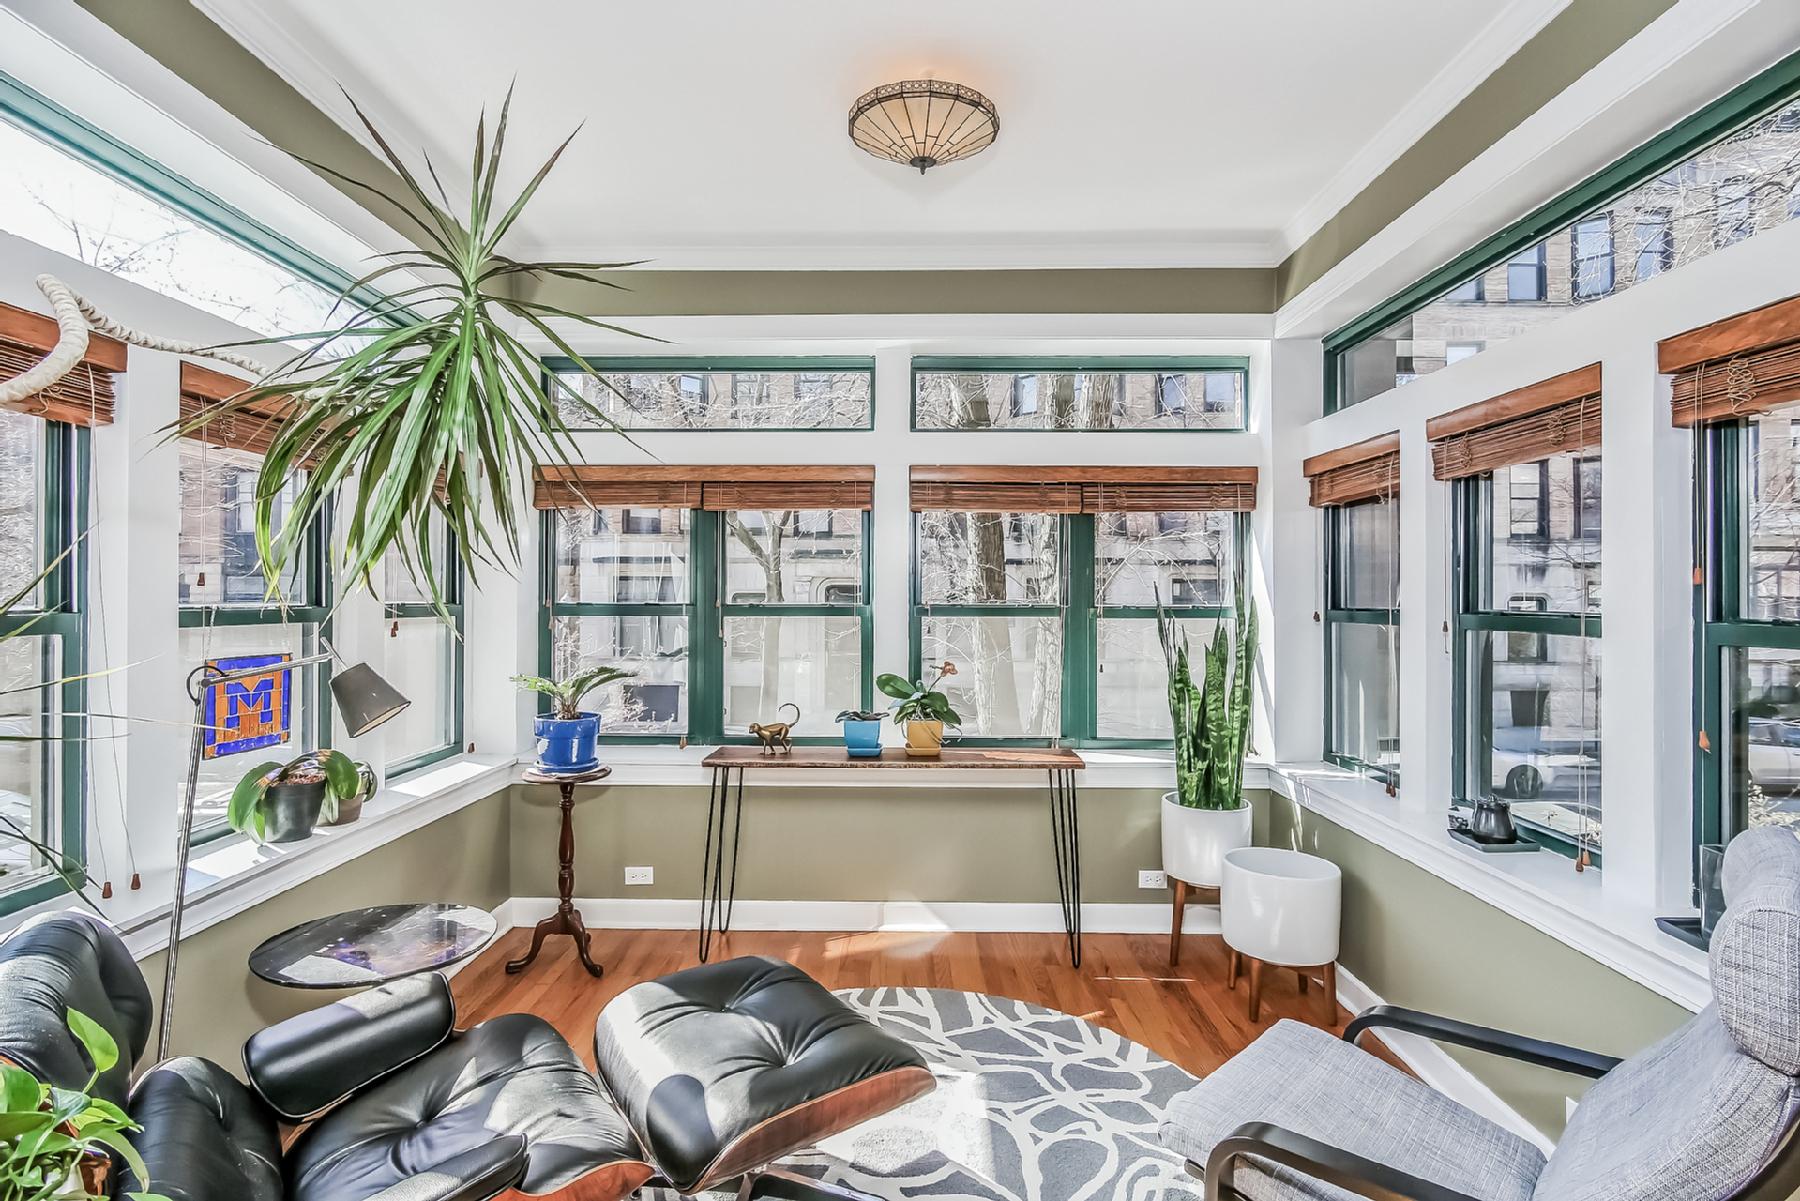 Кооперативная квартира для того Продажа на Oakdale Avenue Residence 630 W Oakdale Avenue Unit 1 Chicago, Иллинойс, 60657 Соединенные Штаты